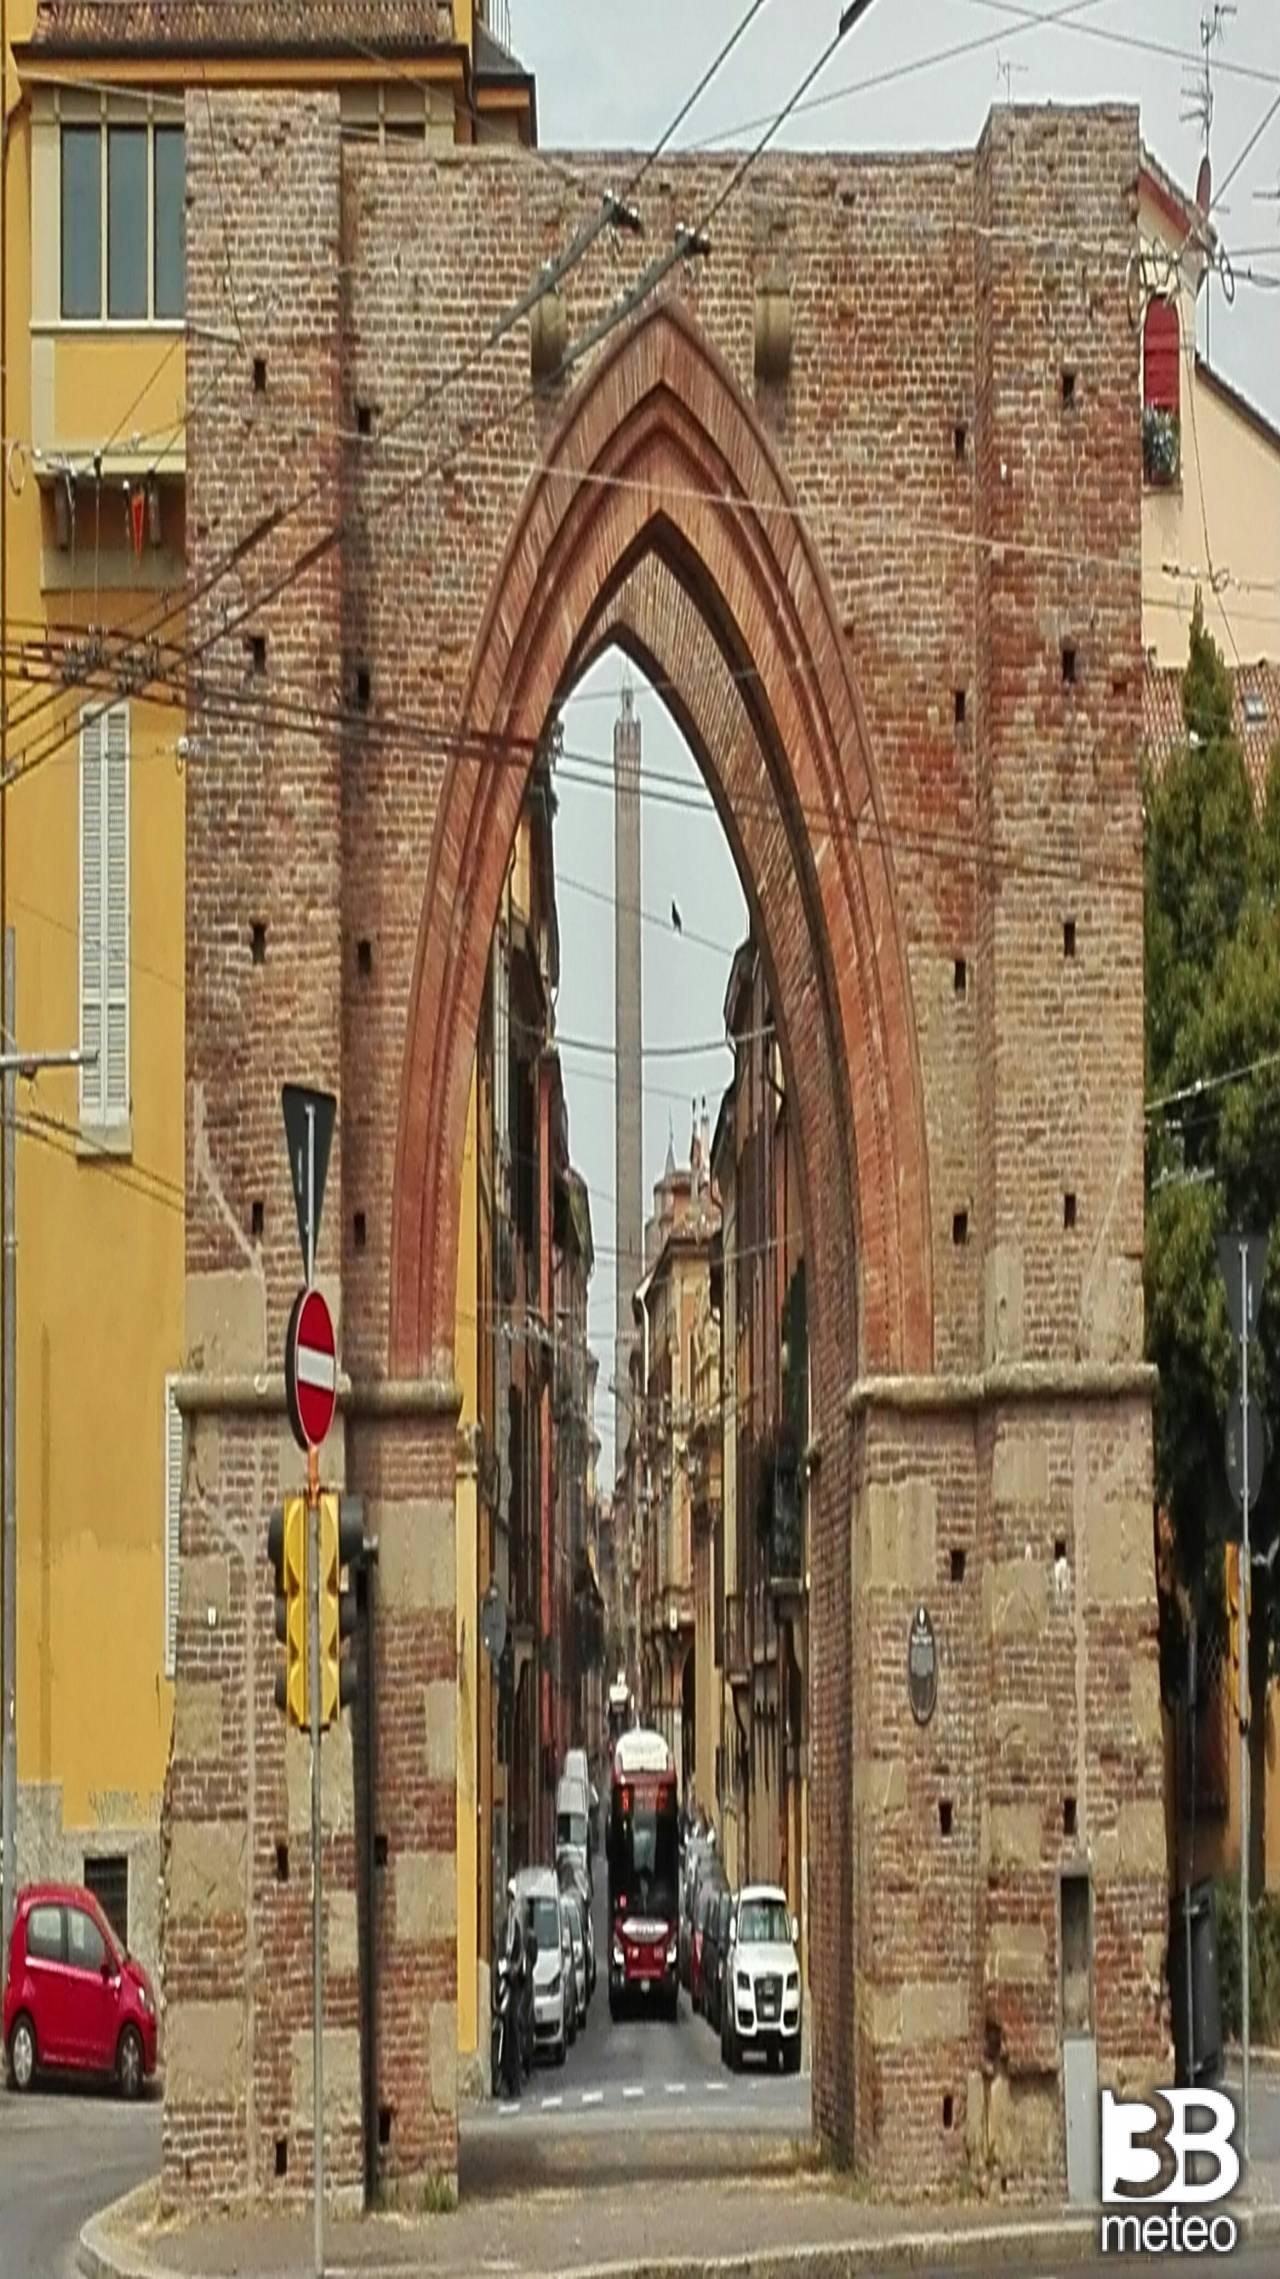 Porta maggiore foto gallery 3b meteo for Porta maggiore